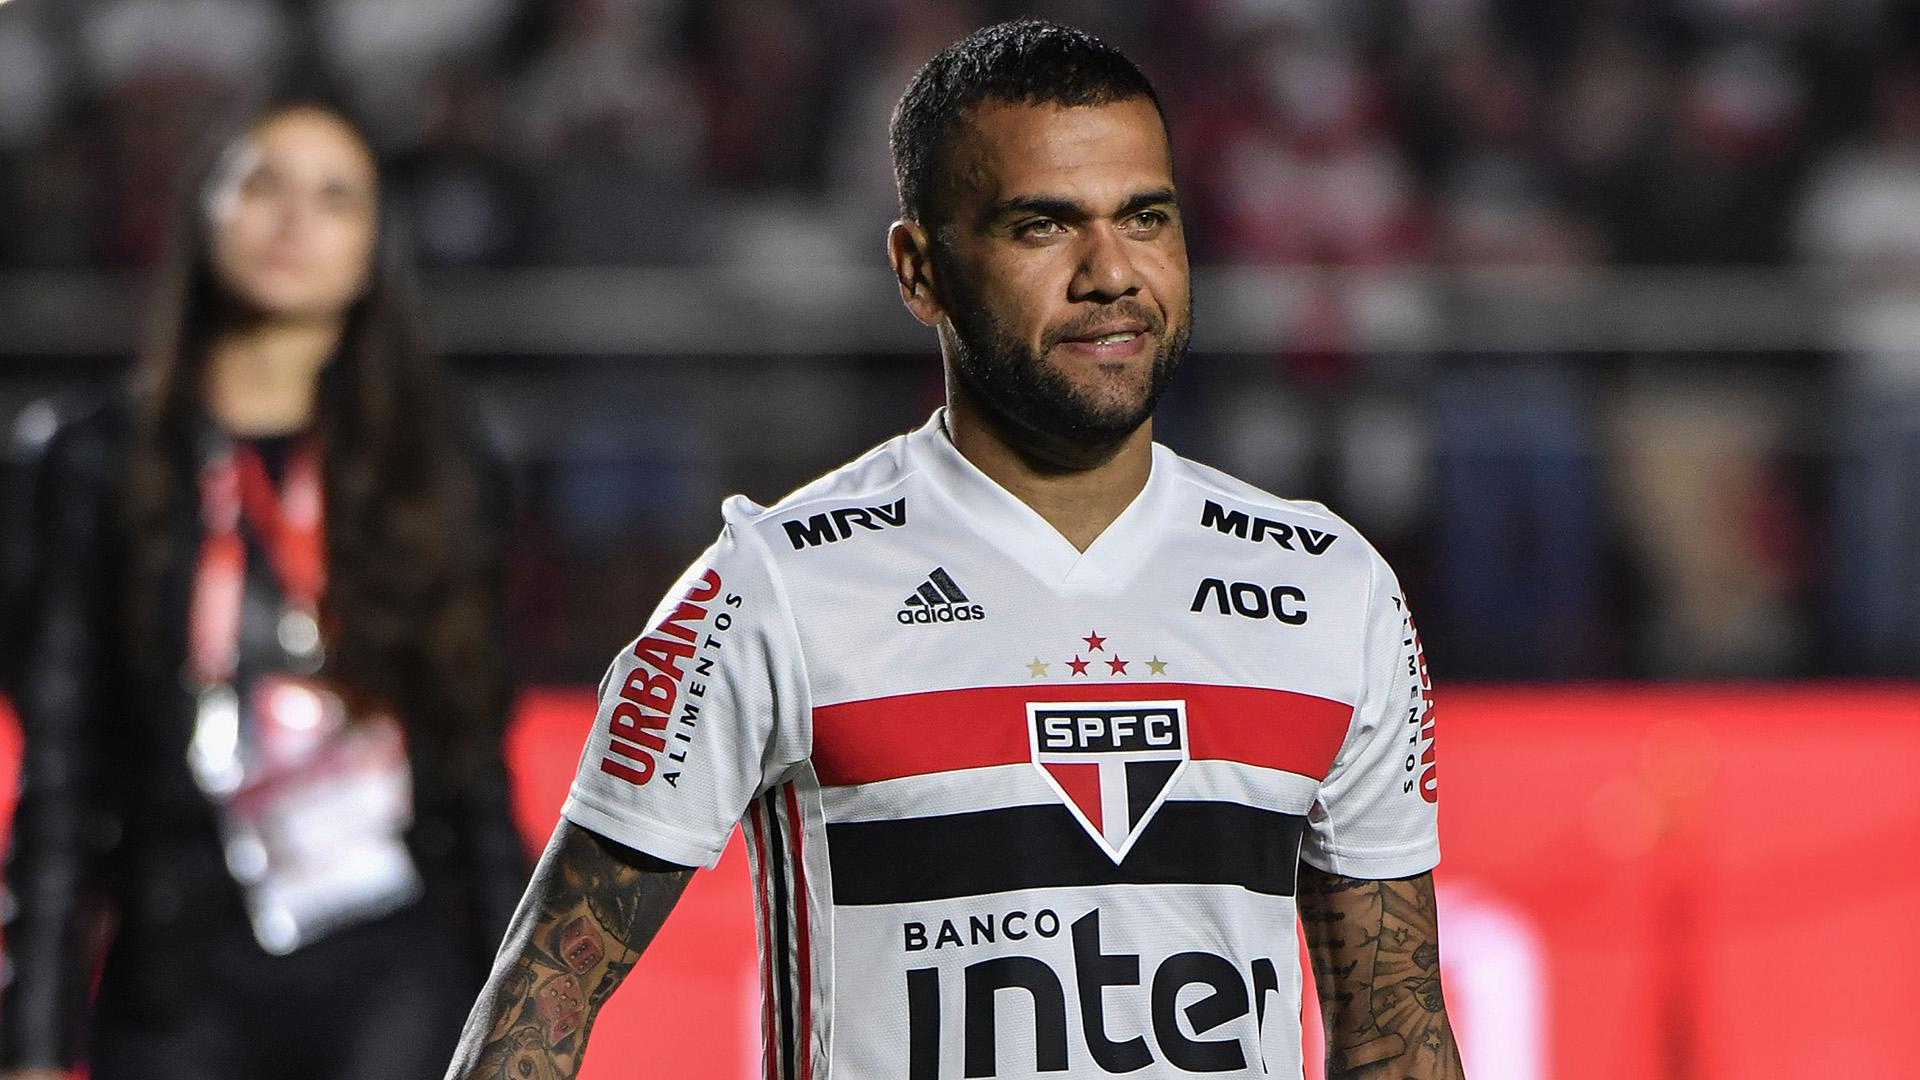 Dani Alves empolga banco Inter para renovação de contrato